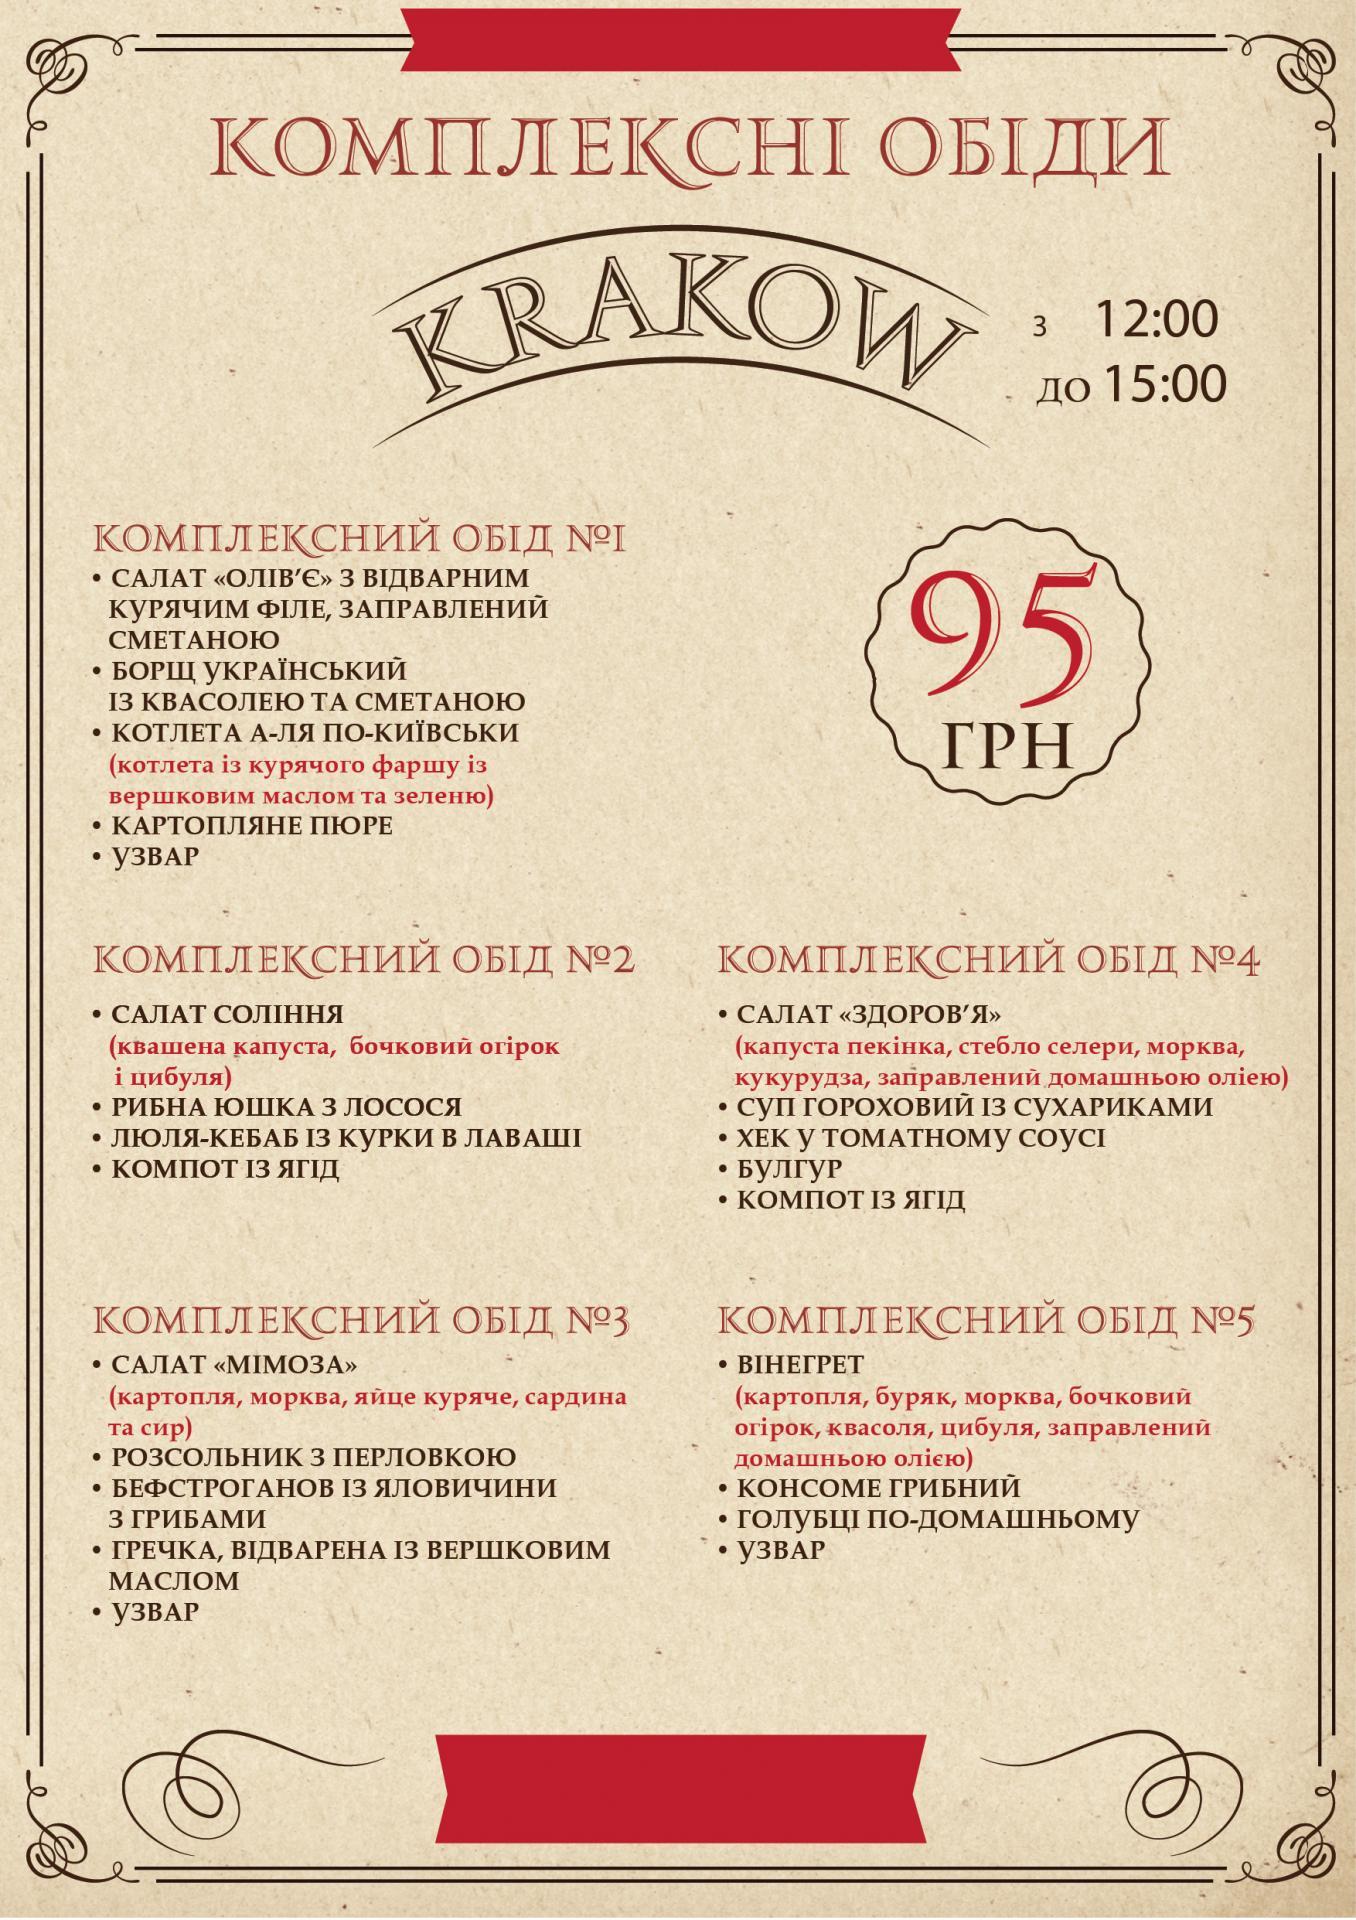 Бизнес-ланч в ресторане Краков